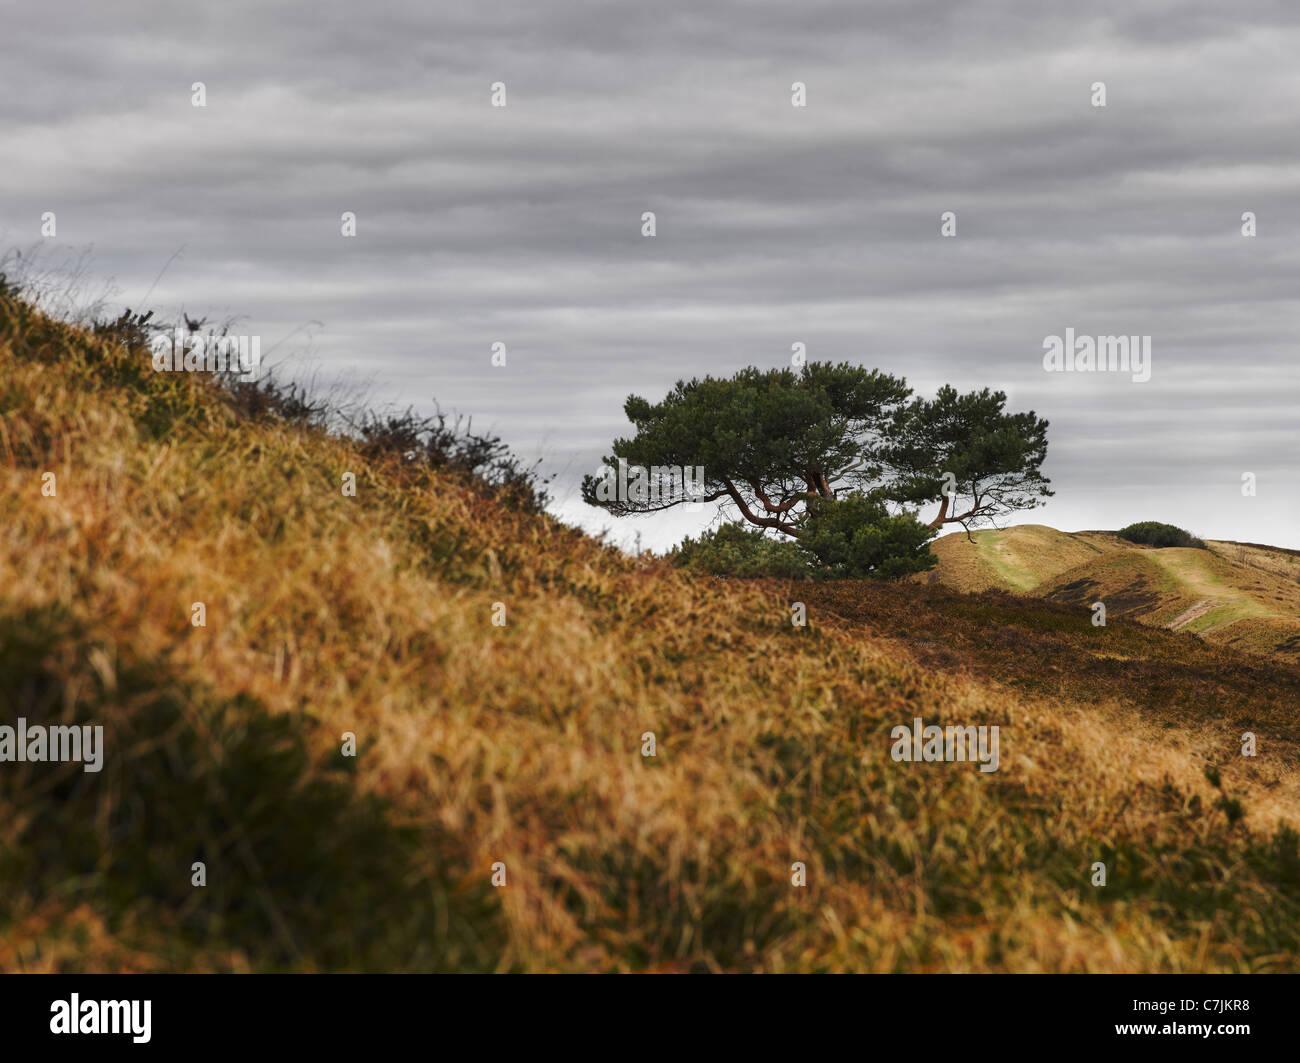 Baum am Hang in trockenen Landschaft im ländlichen Raum Stockbild